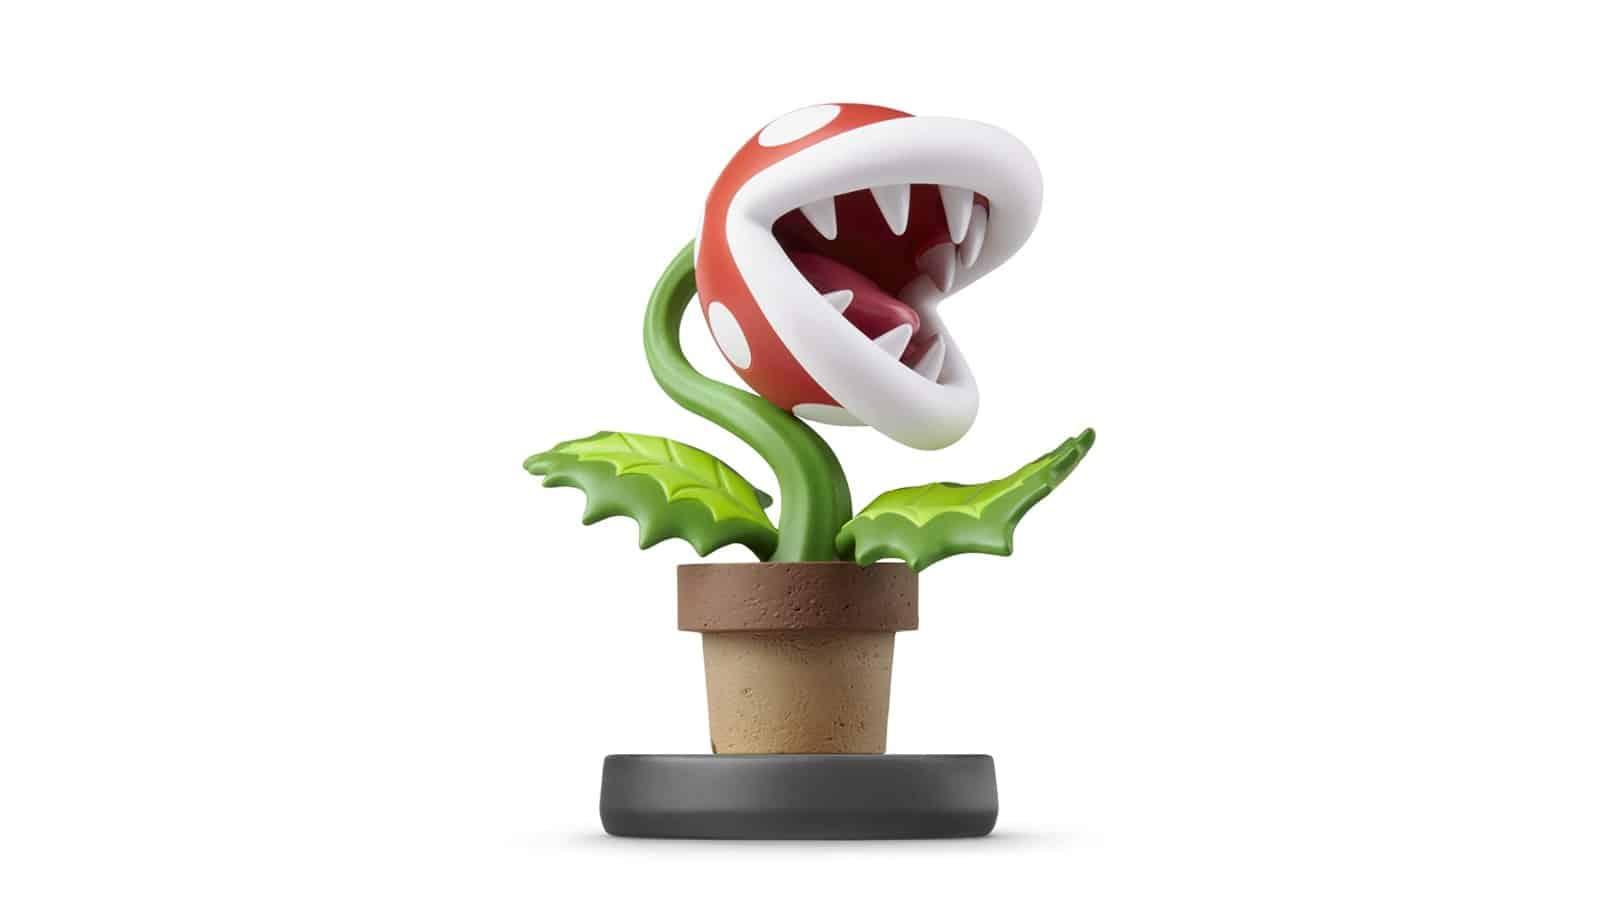 אמיבו - Piranha Plant (סדרת Super Smash Bros.)